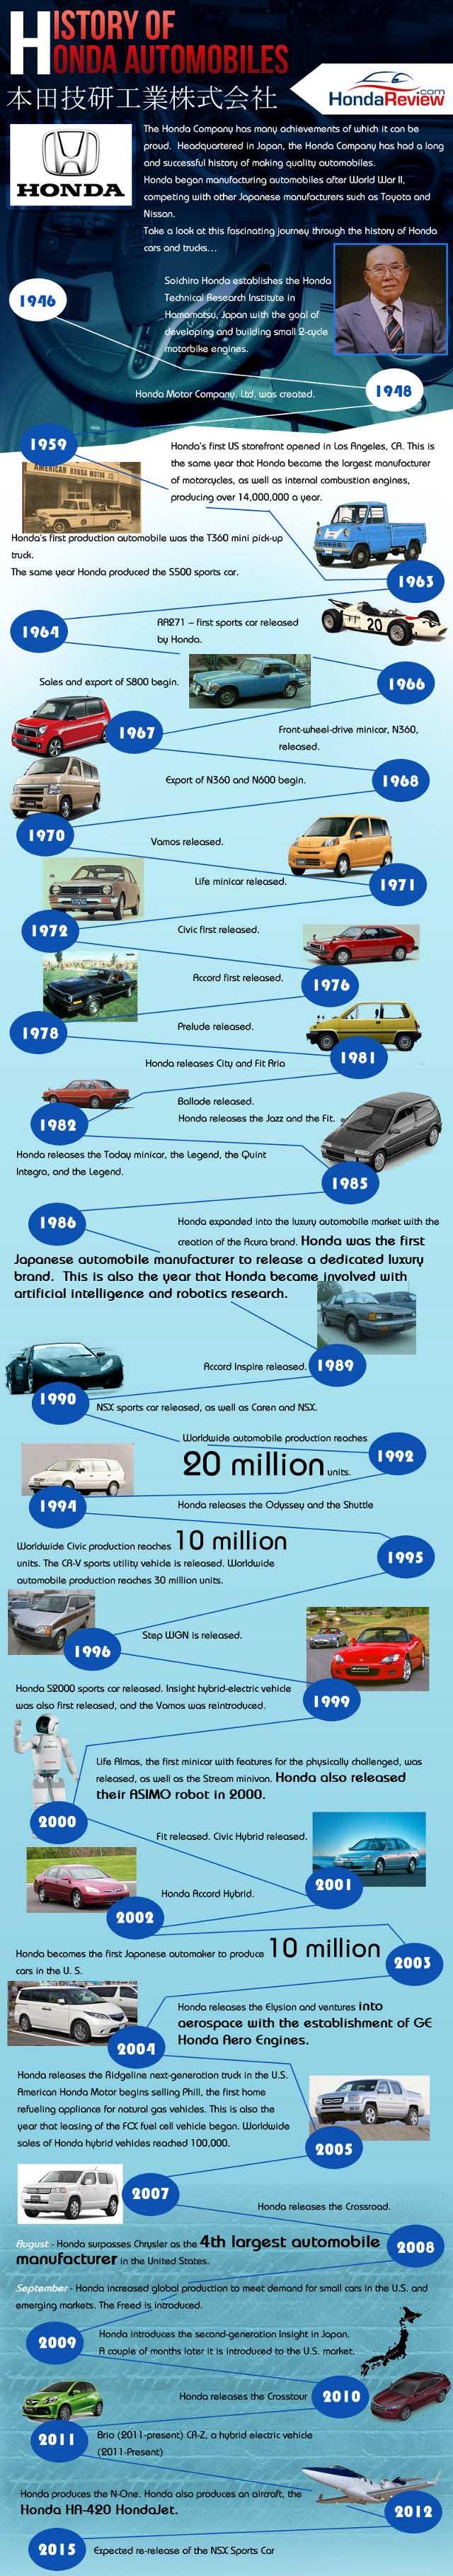 history-of-honda-600x4185